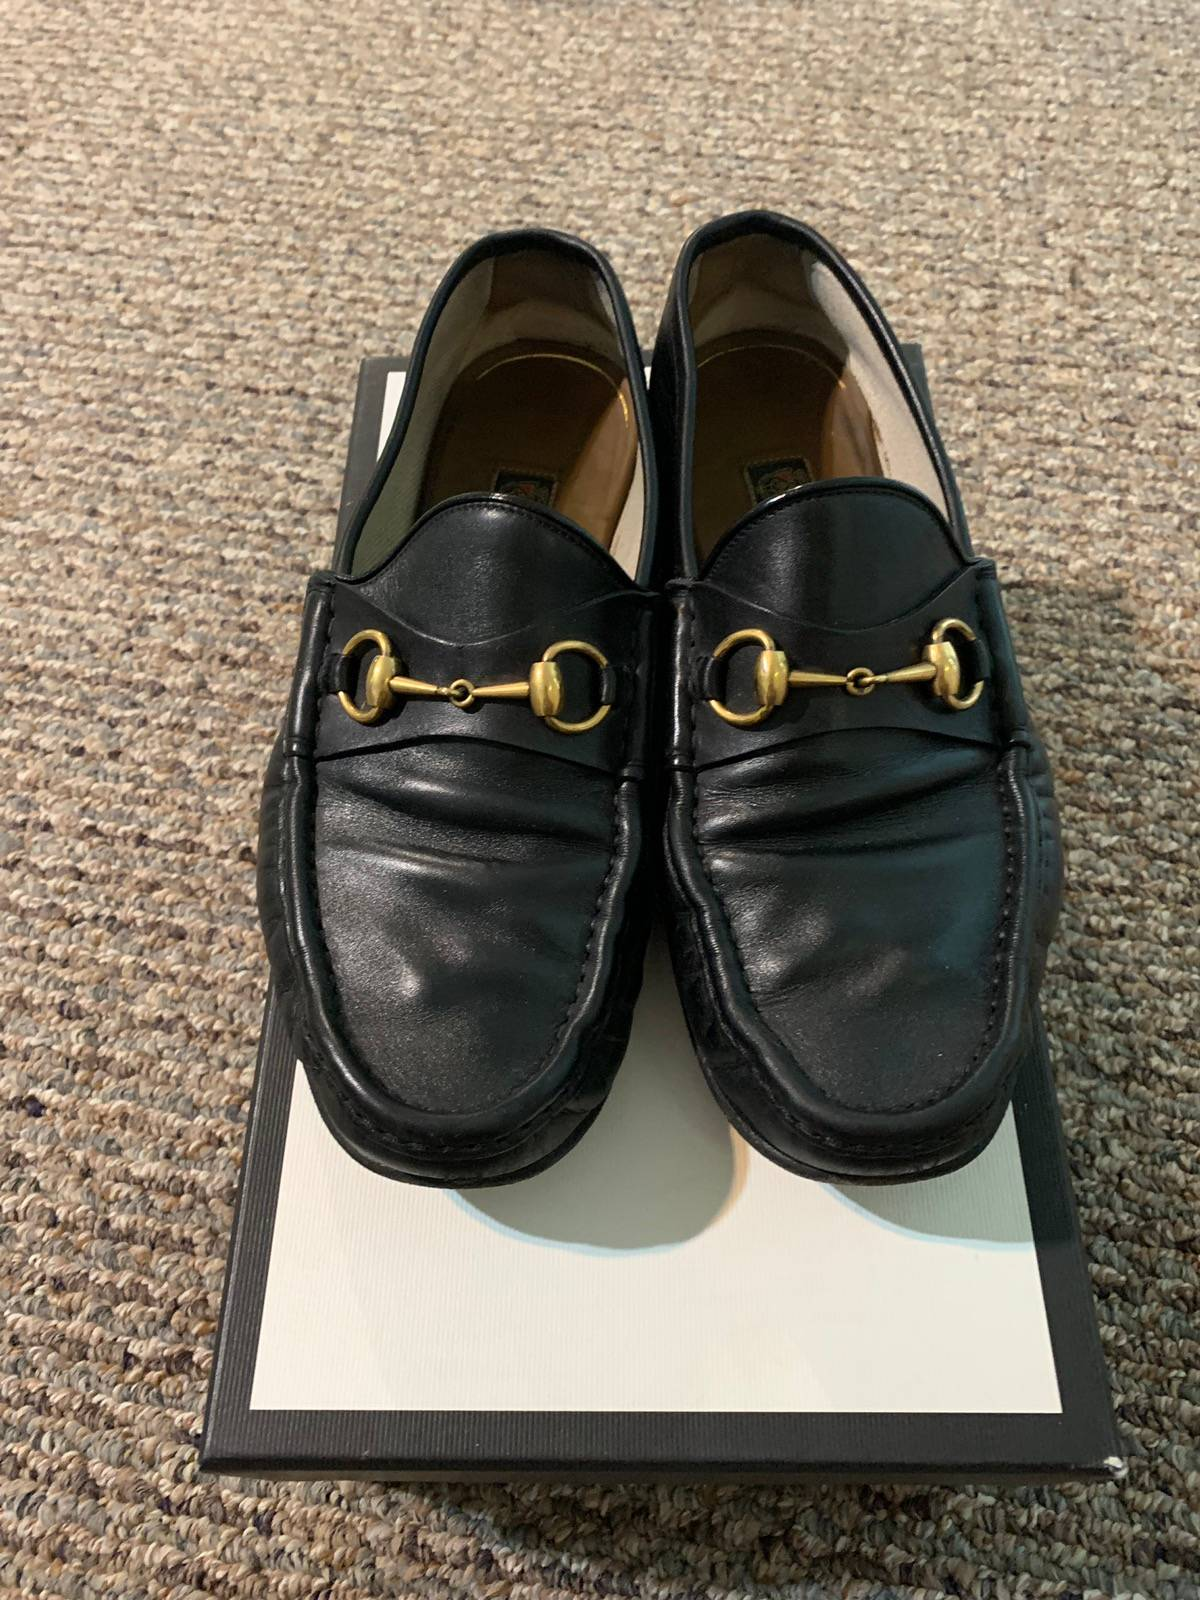 gucci gucci horsebit shoes sz 10 grailed